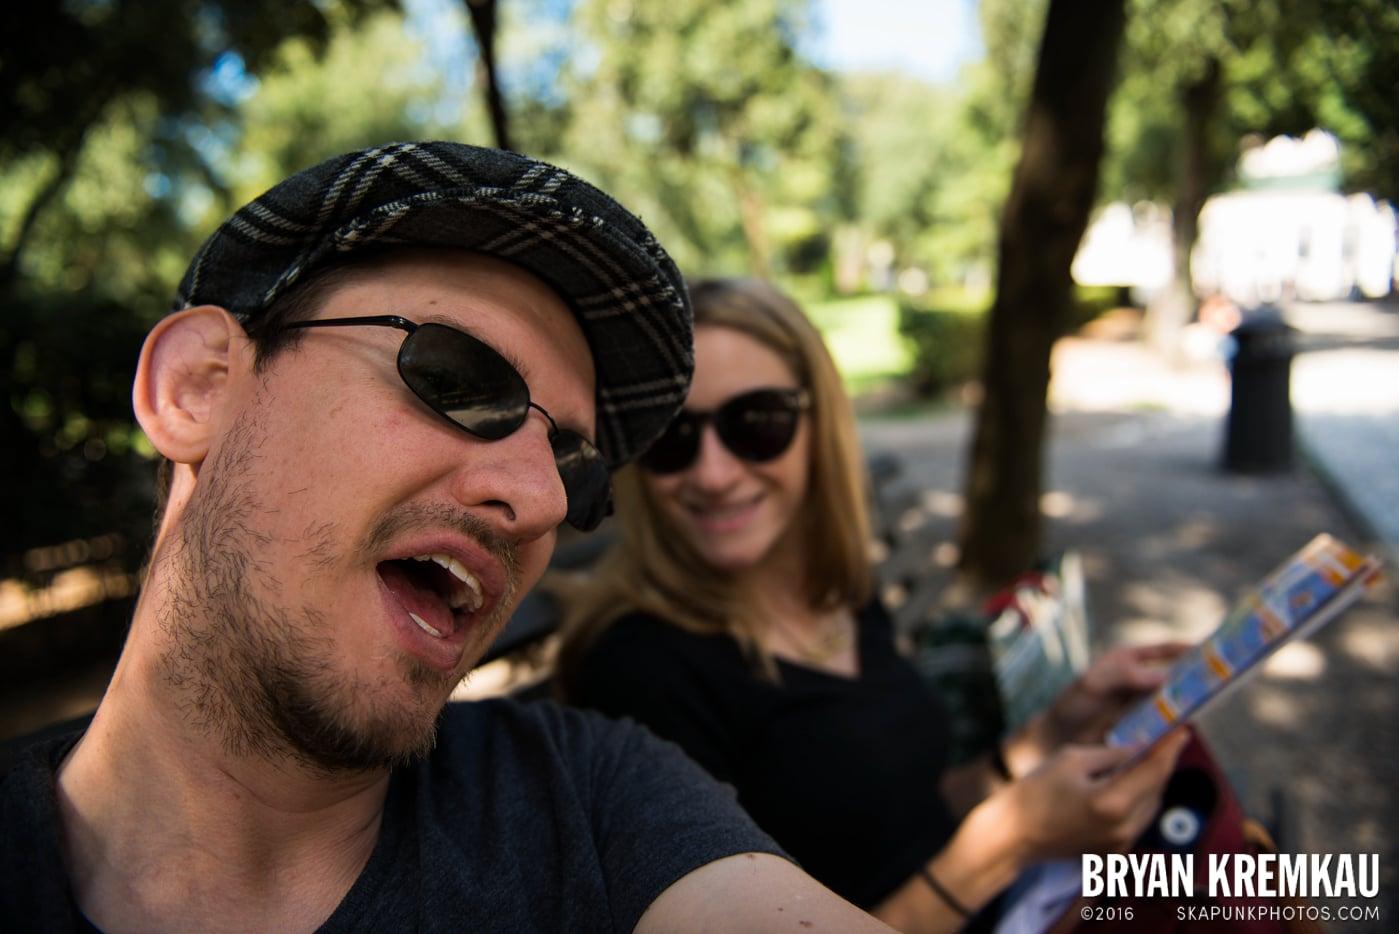 Italy Vacation - Day 12: Rome - 9.20.13 (12)